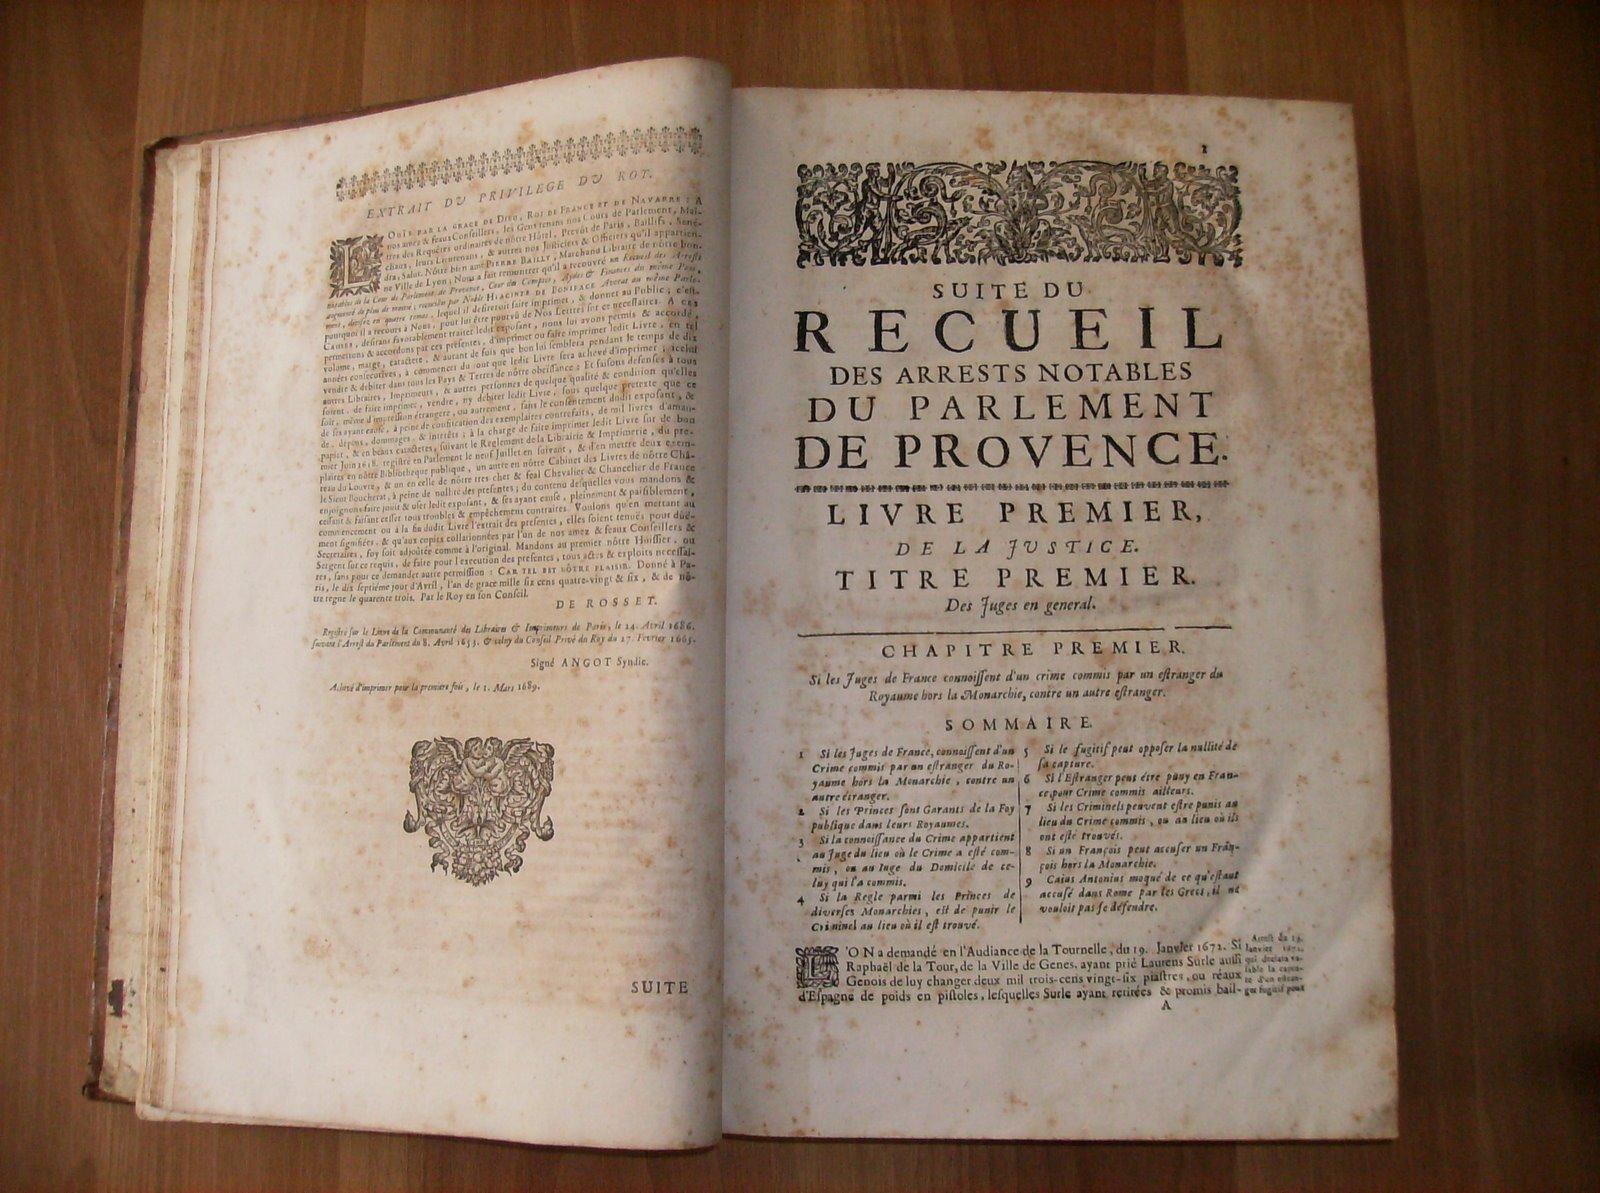 [1689+ARRETS+DE+BONIFAC+036.jpg]